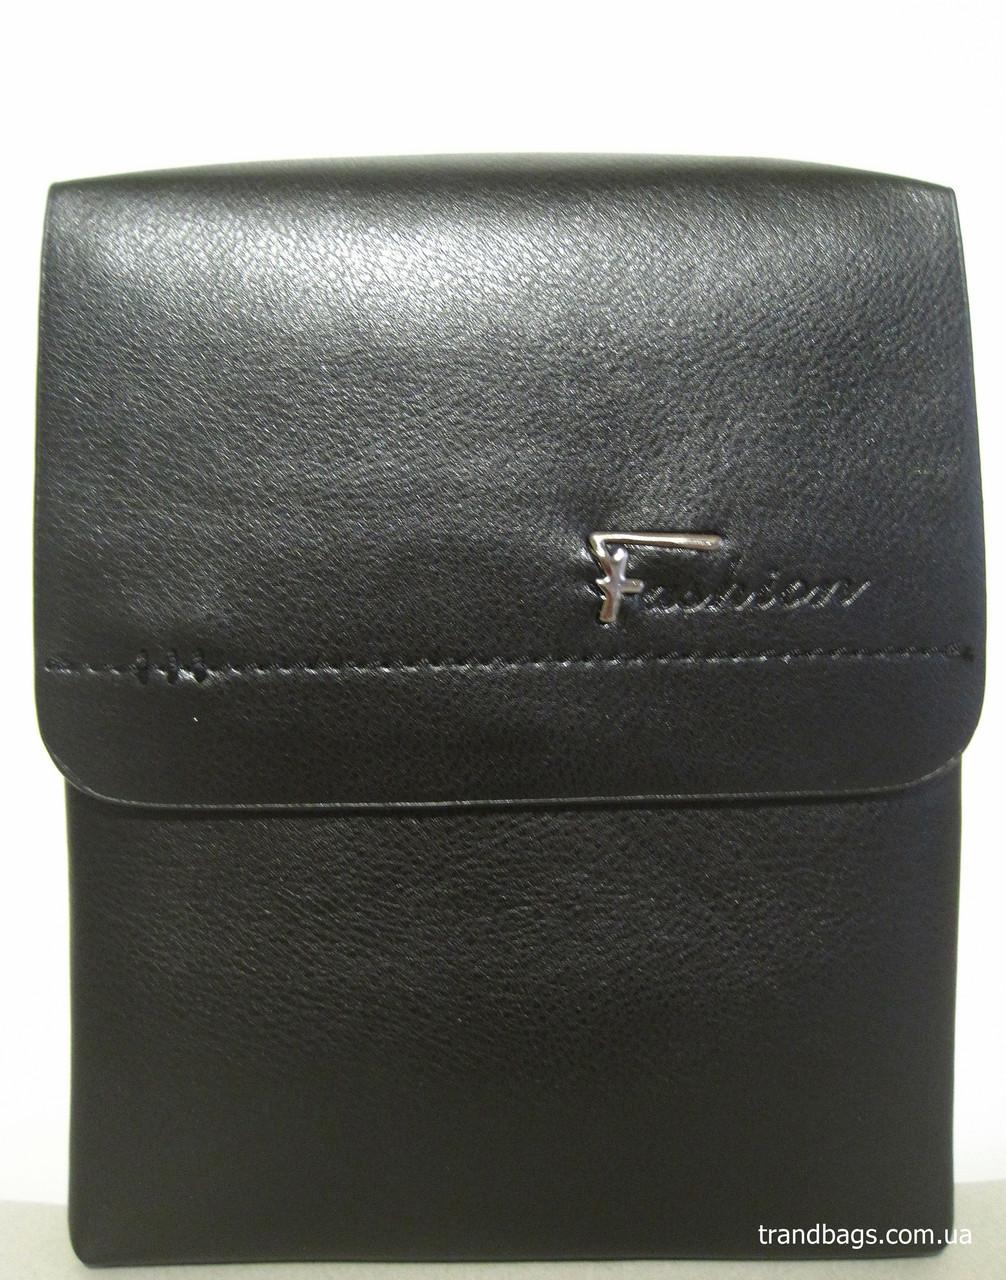 7f99c2b21439 Мужская сумка Р001-2 black FASHION мужская сумка на плечо не дорого Одесса  7 км